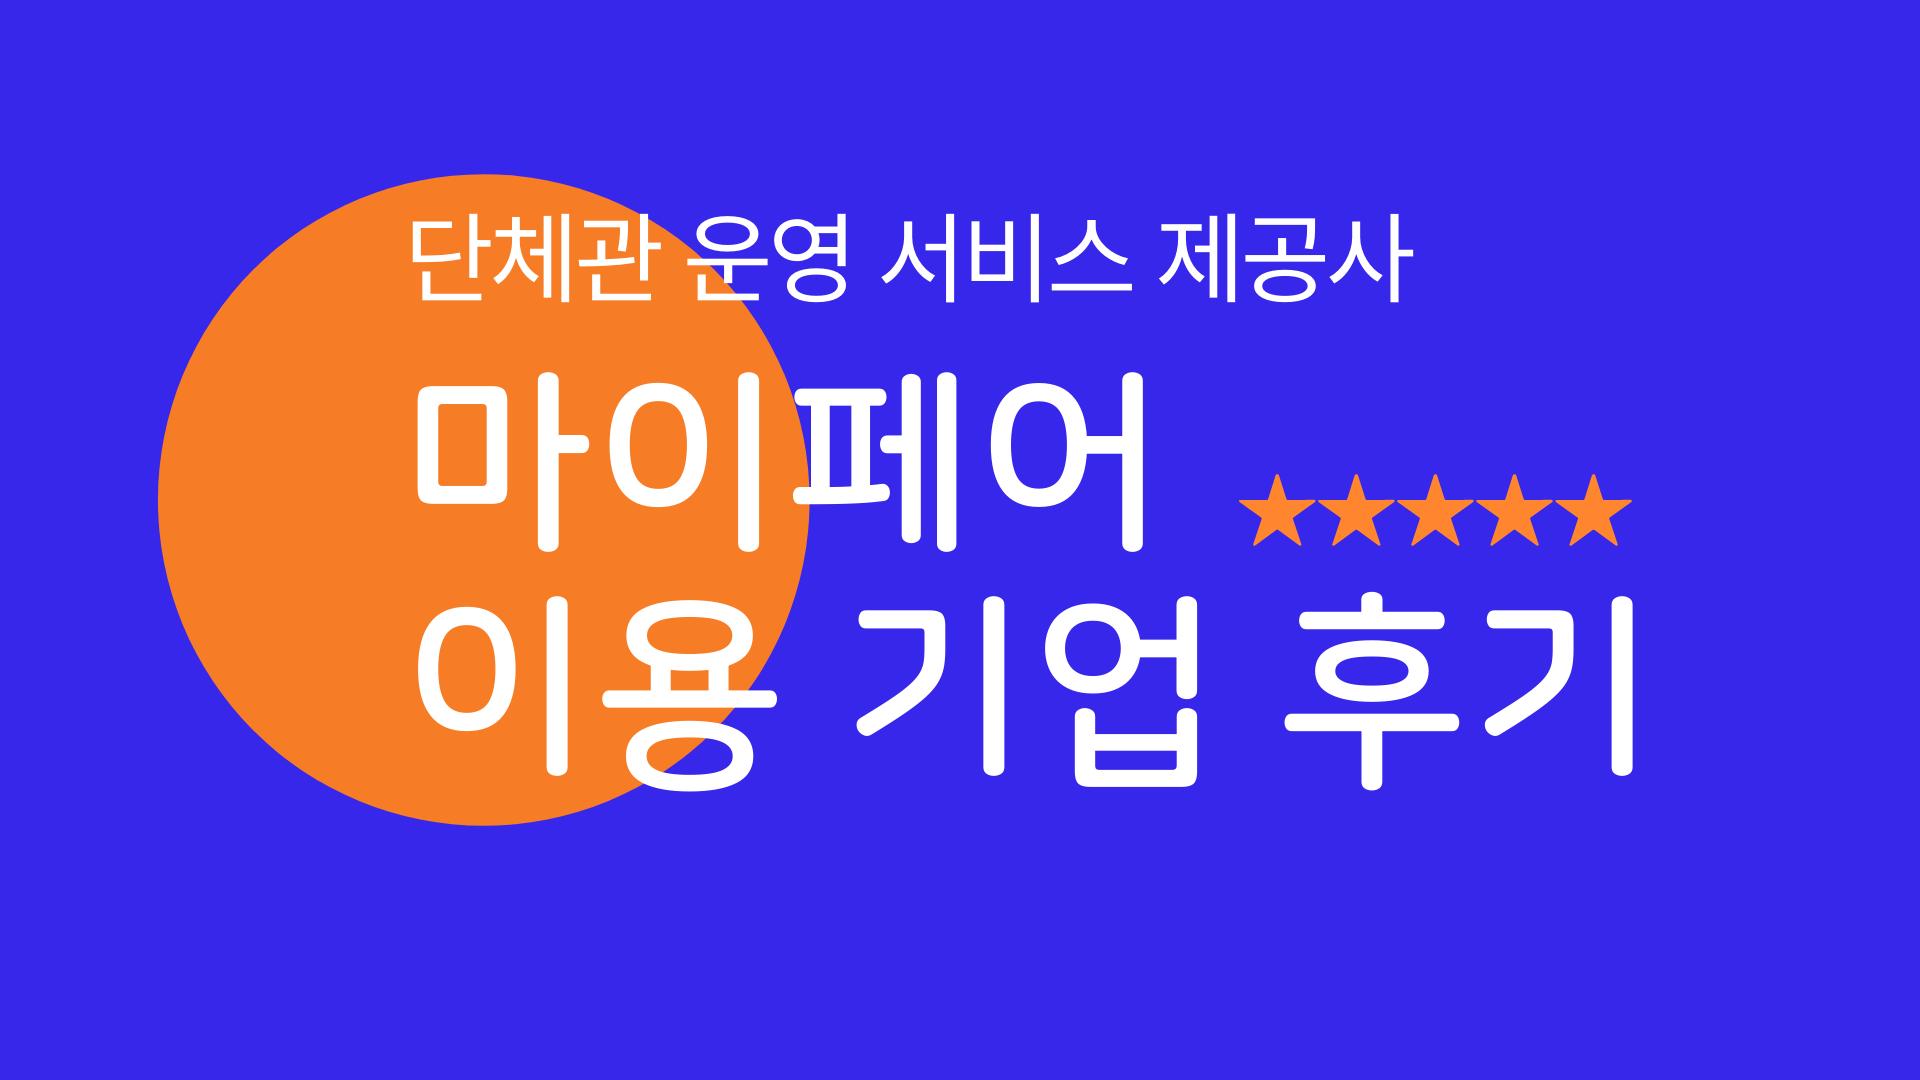 해외전시회 한국관 운영 서비스 제공사, 마이페어 이용 기업 후기